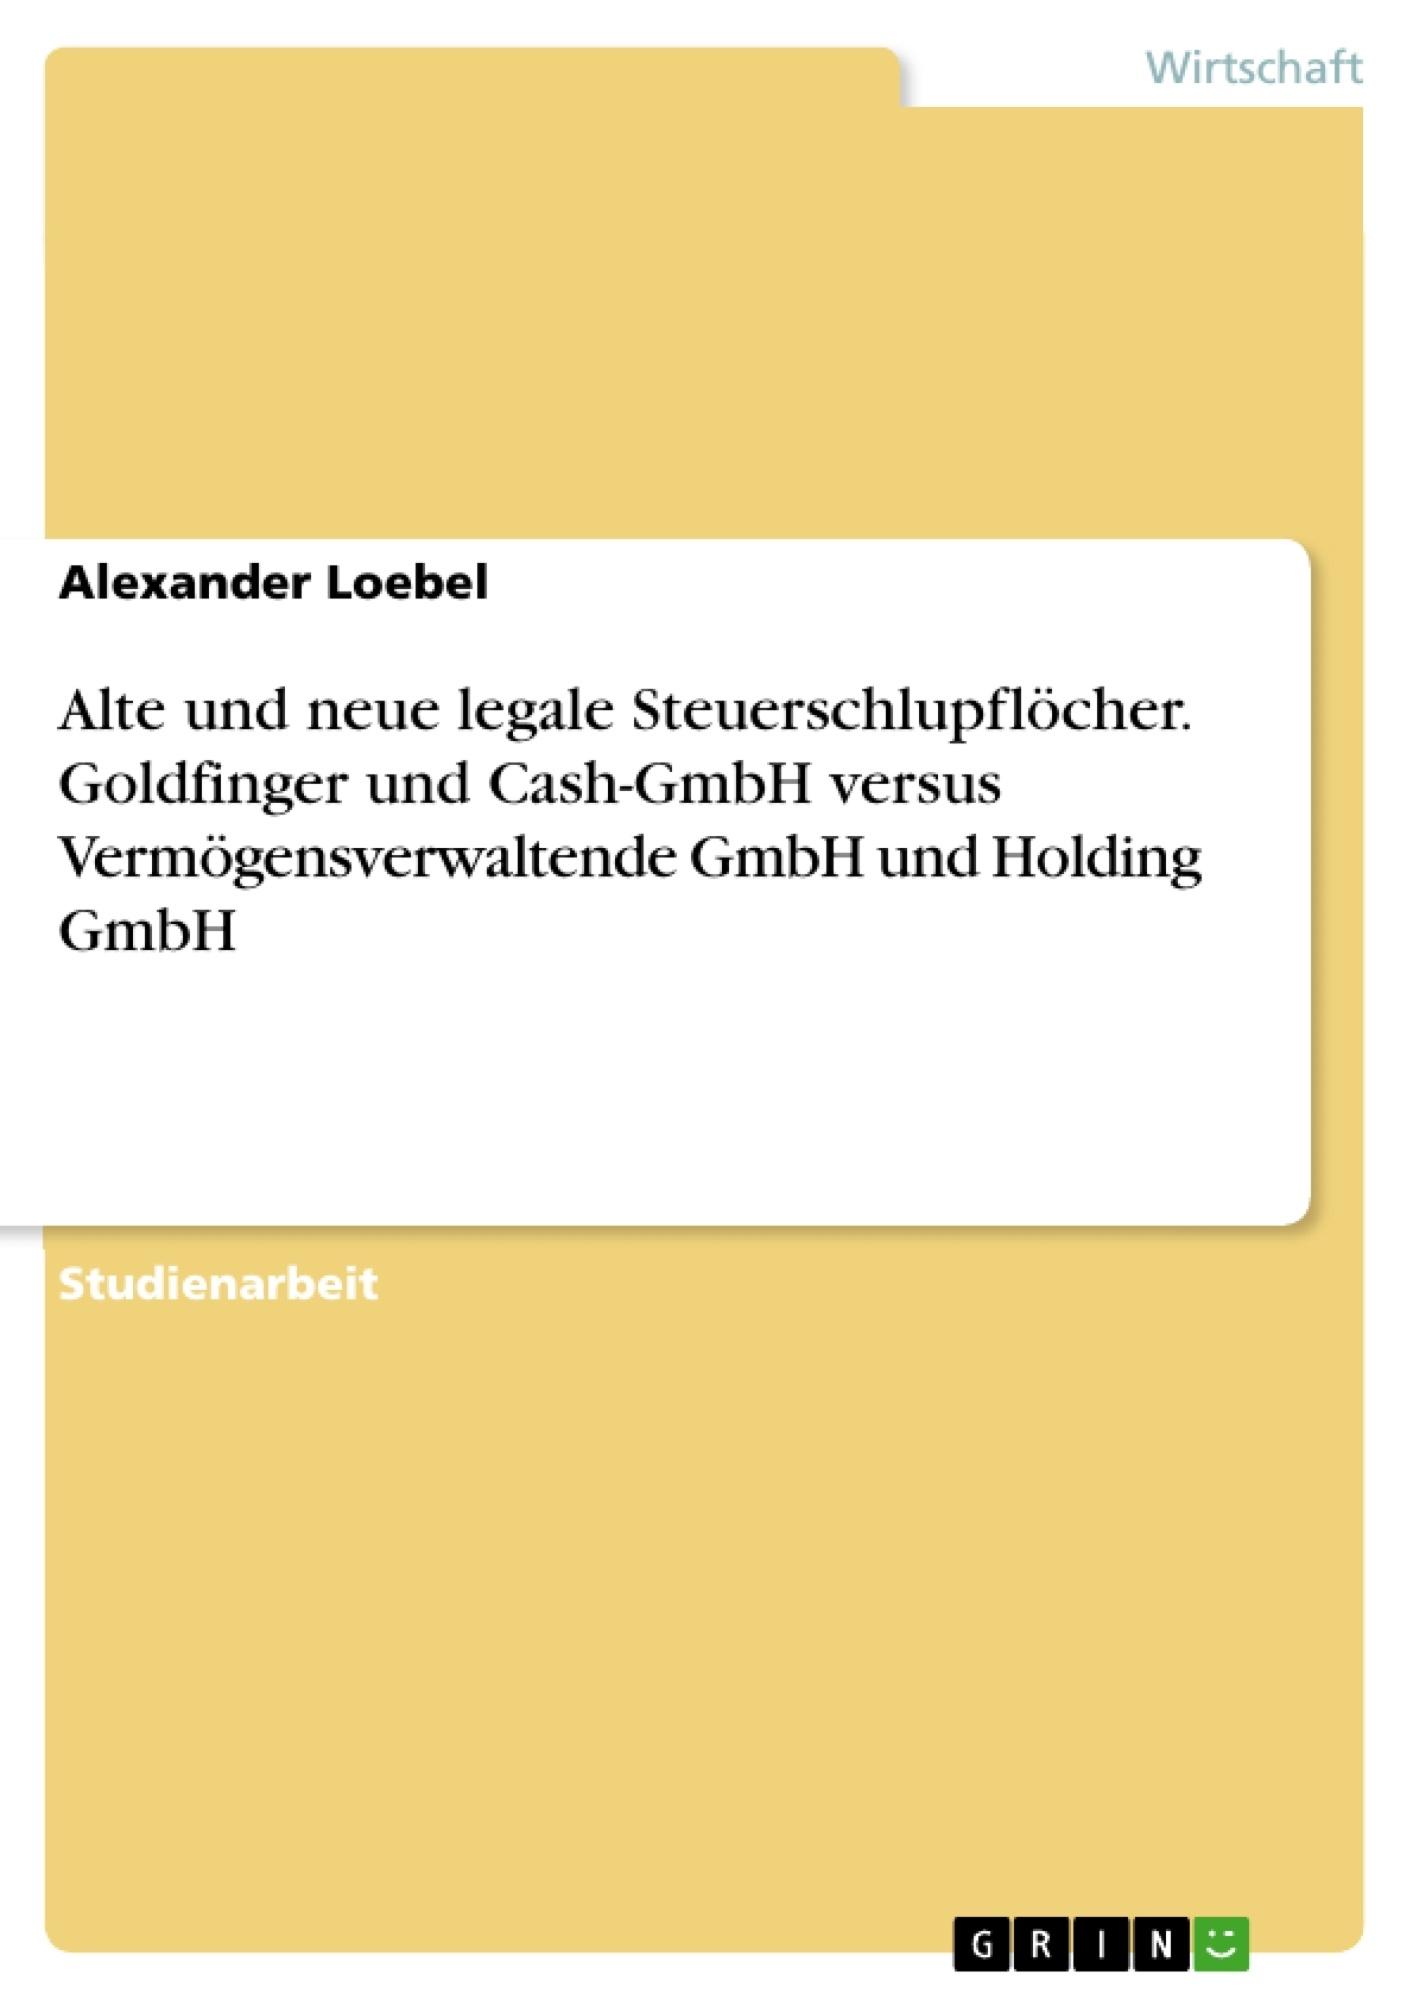 Titel: Alte und neue legale Steuerschlupflöcher. Goldfinger und Cash-GmbH versus Vermögensverwaltende GmbH und Holding GmbH